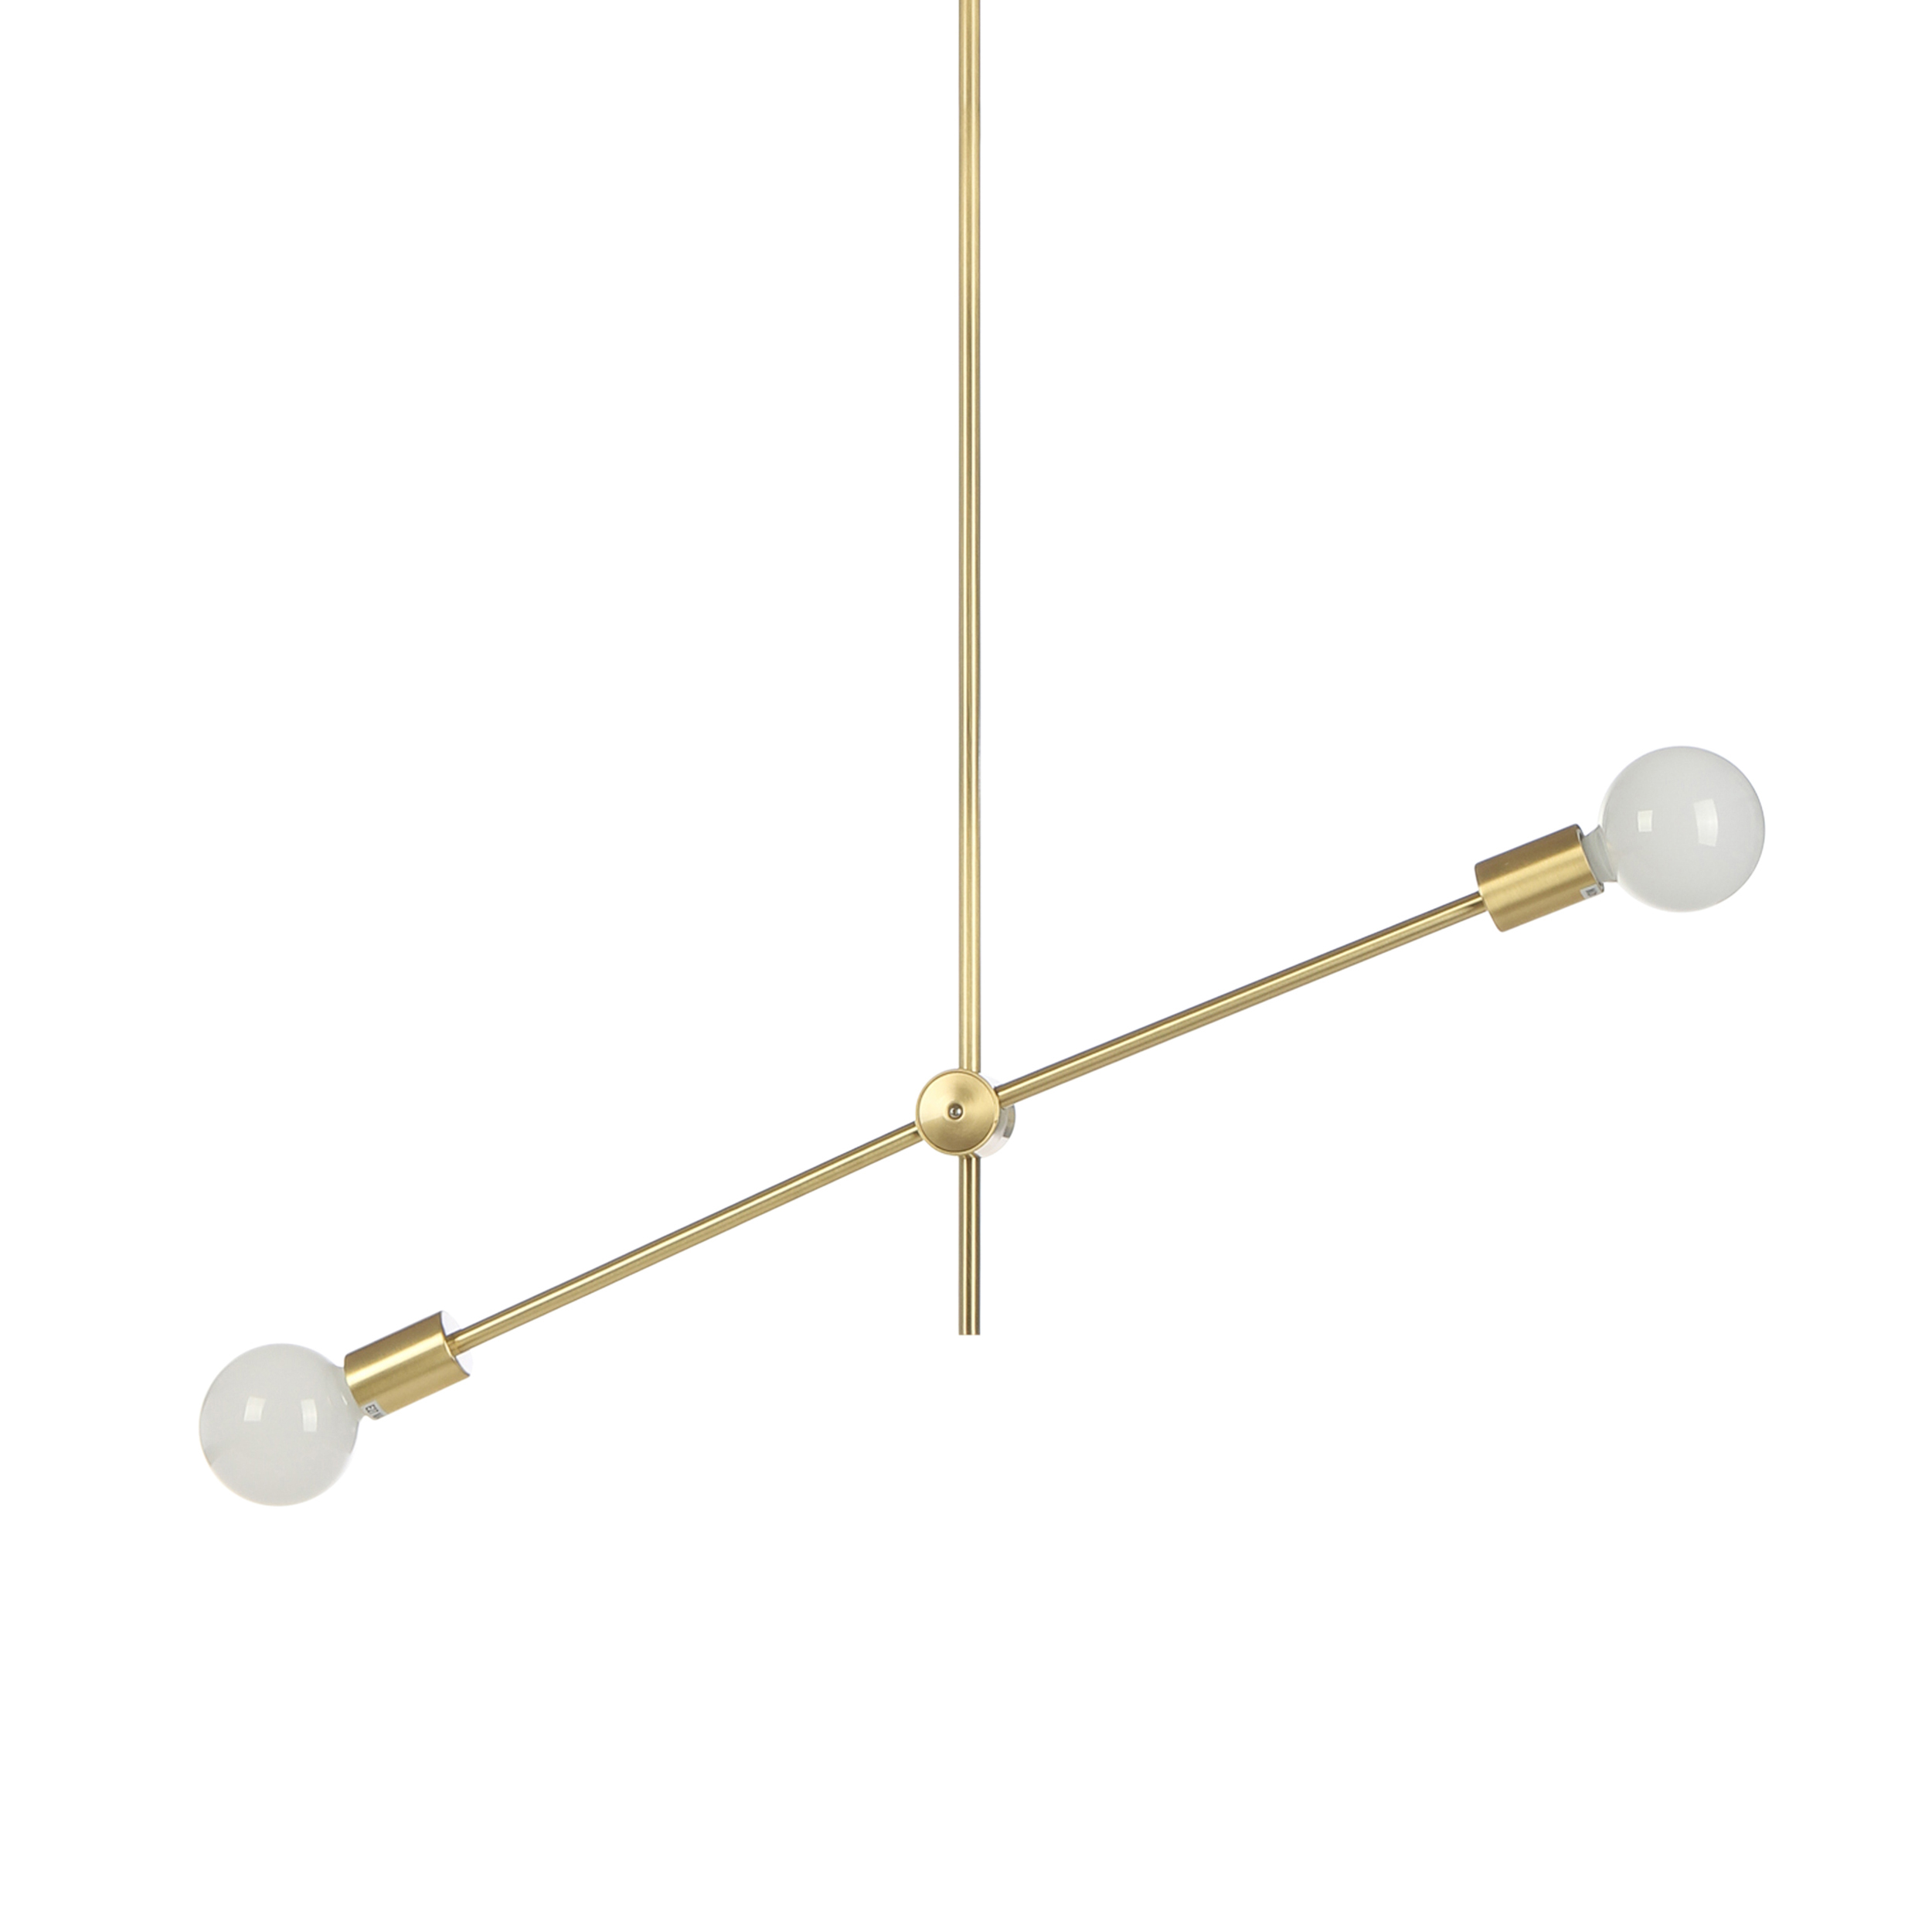 Светильник потолочный Cosmo 15580322 от Cosmorelax